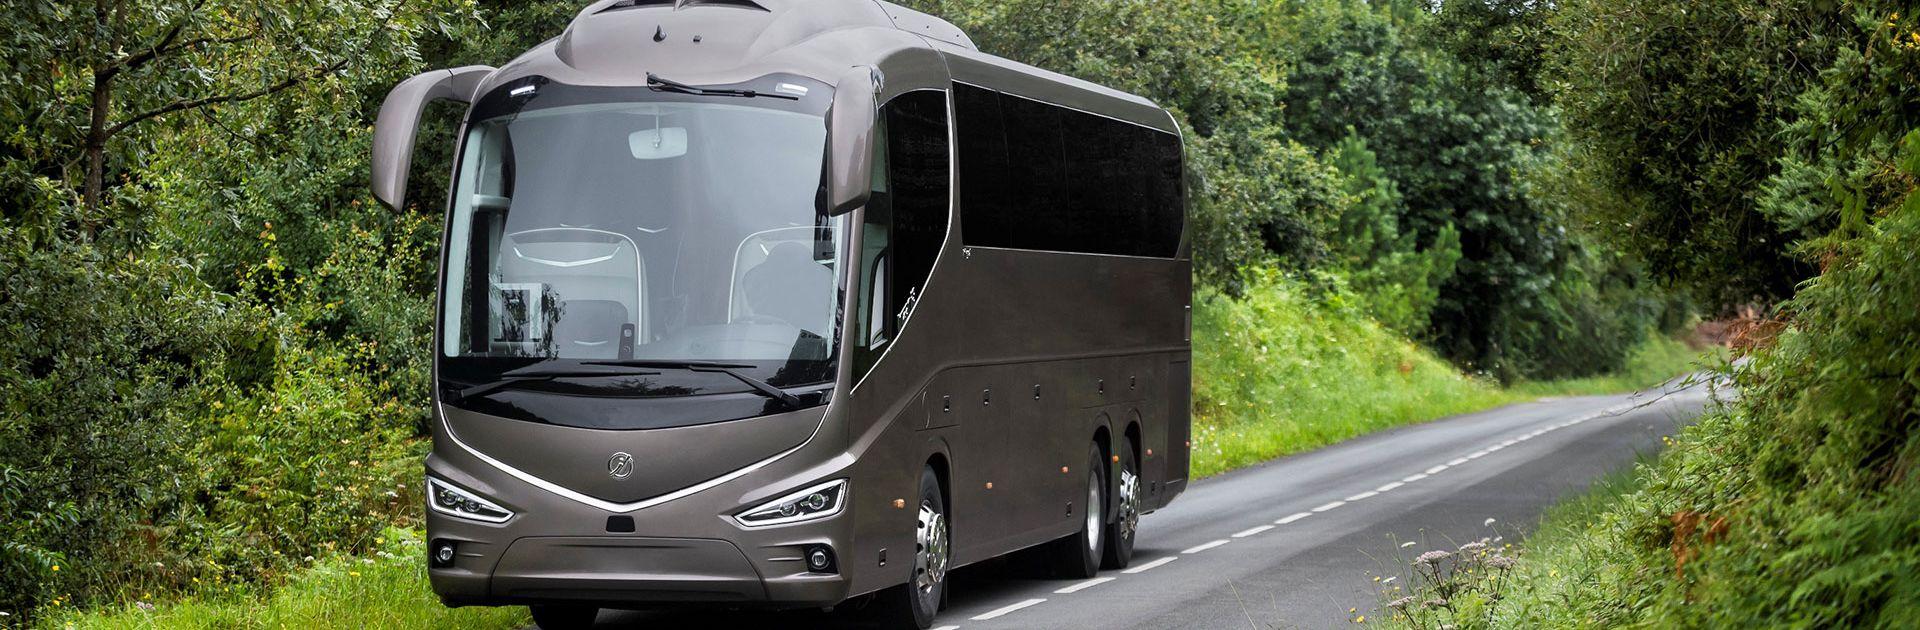 Autobusų nuoma, autobusų nuoma Klaipėdoje, turistinių autobusų nuoma kelionėms po Lietuvą ir užsienio šalis | Keliauk – Jūsų partneris kelyje.